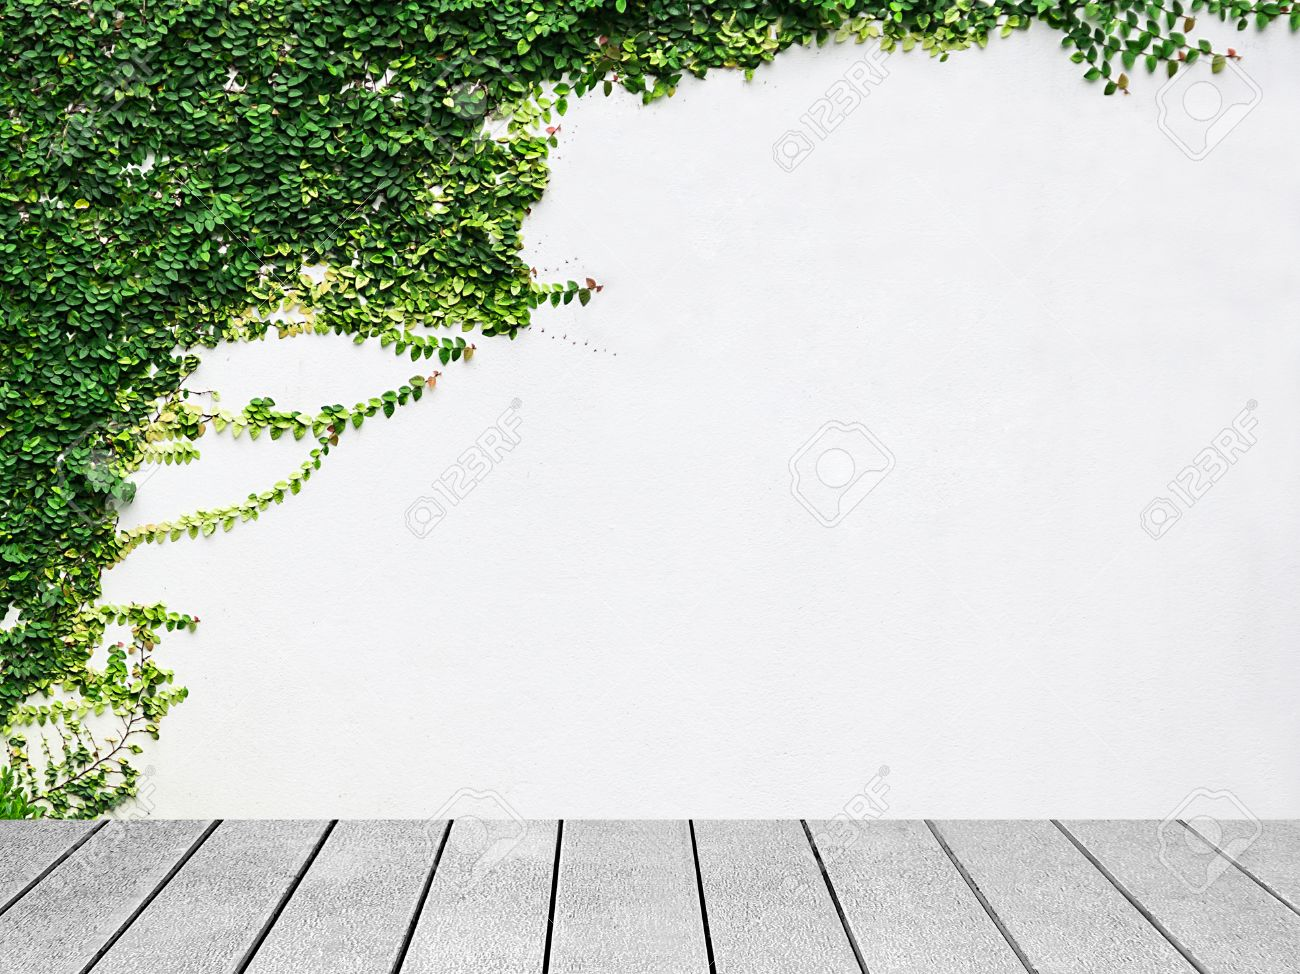 Houten plank de witte muur groene klimop plant. royalty vrije foto ...